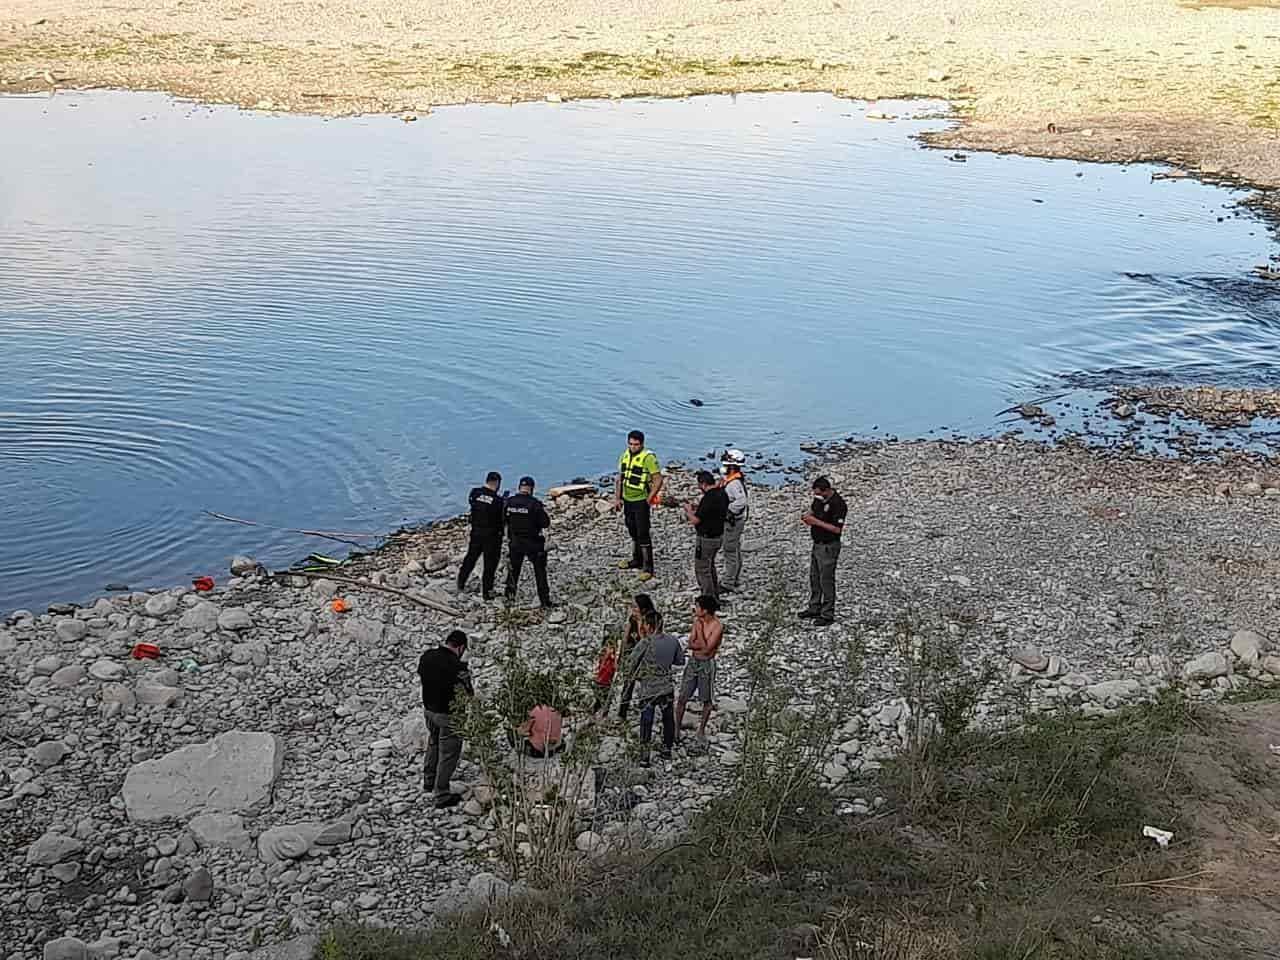 Cuando se encontraban nadando en el Río San Juan un tío y un sobrino se ahogaron